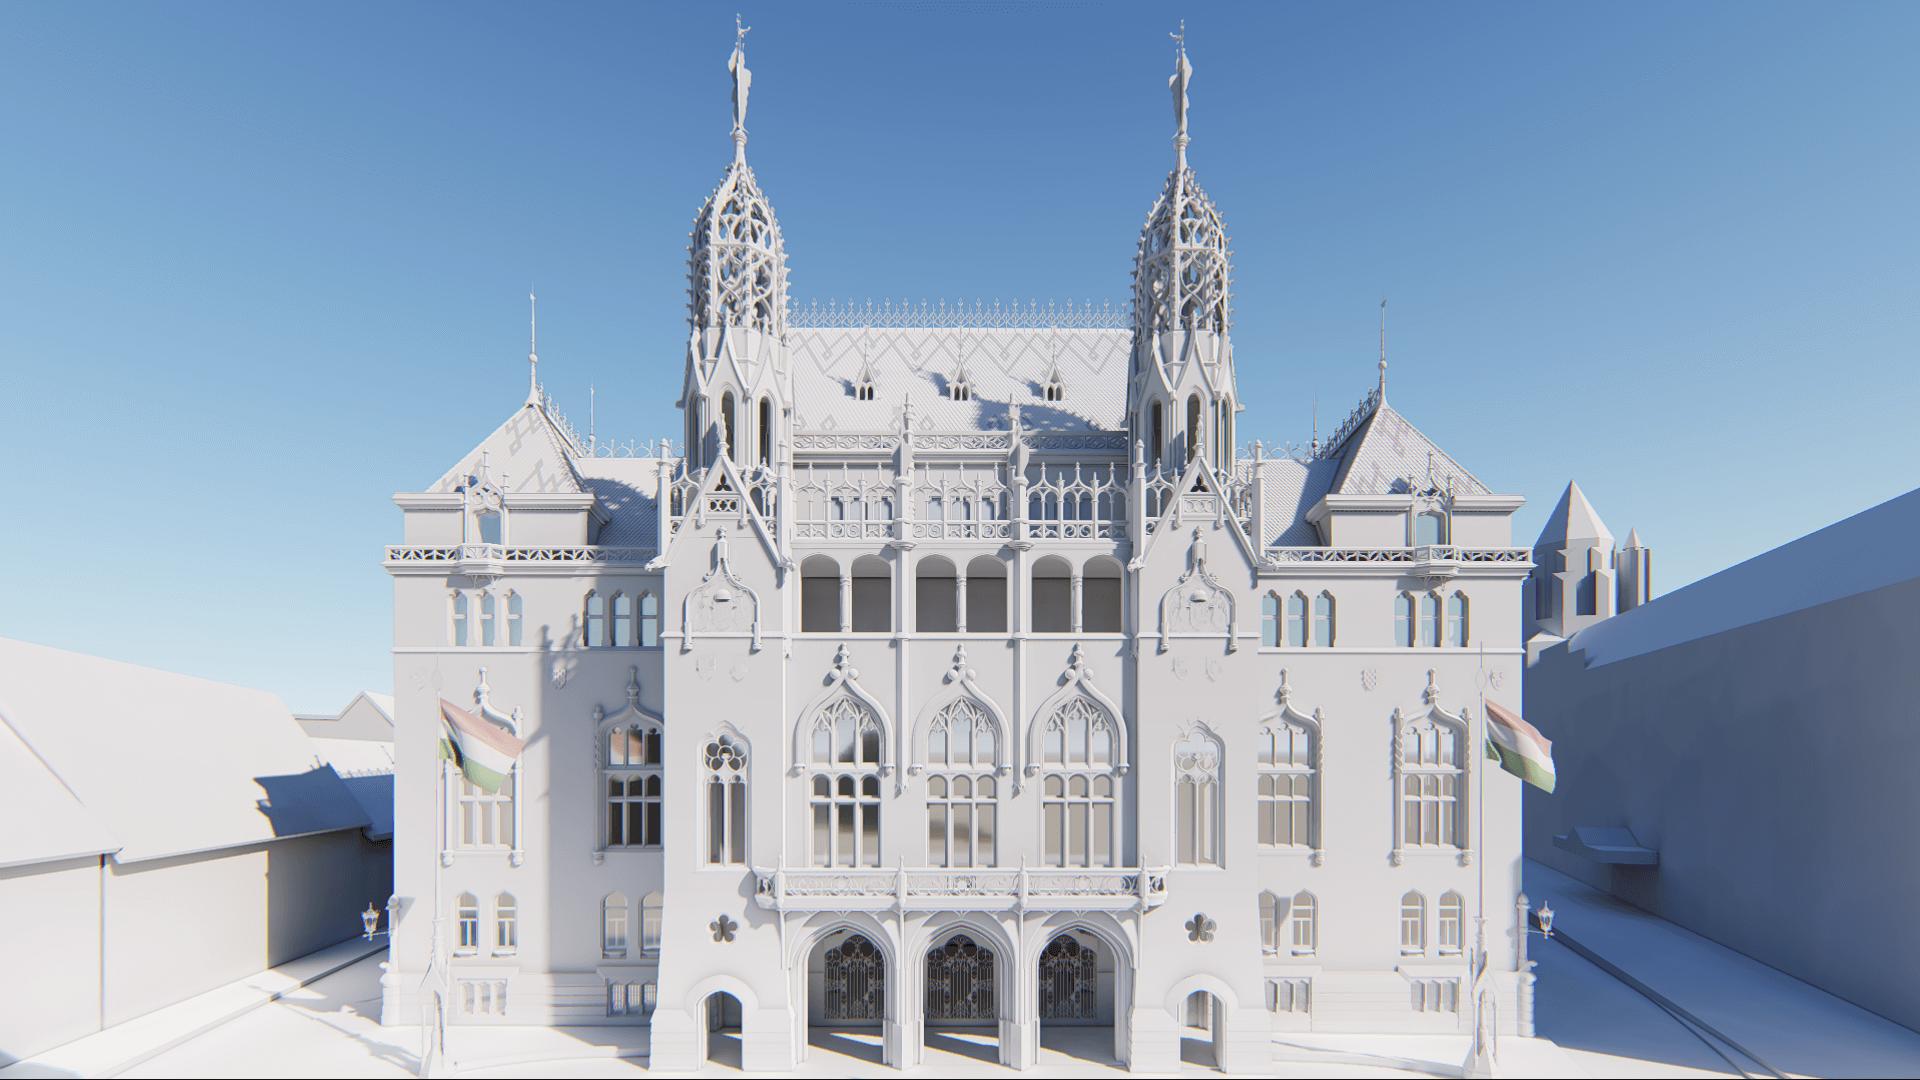 Ilyen lesz a régi-új Pénzügyminisztérium főhomlokzata a Budai Várban